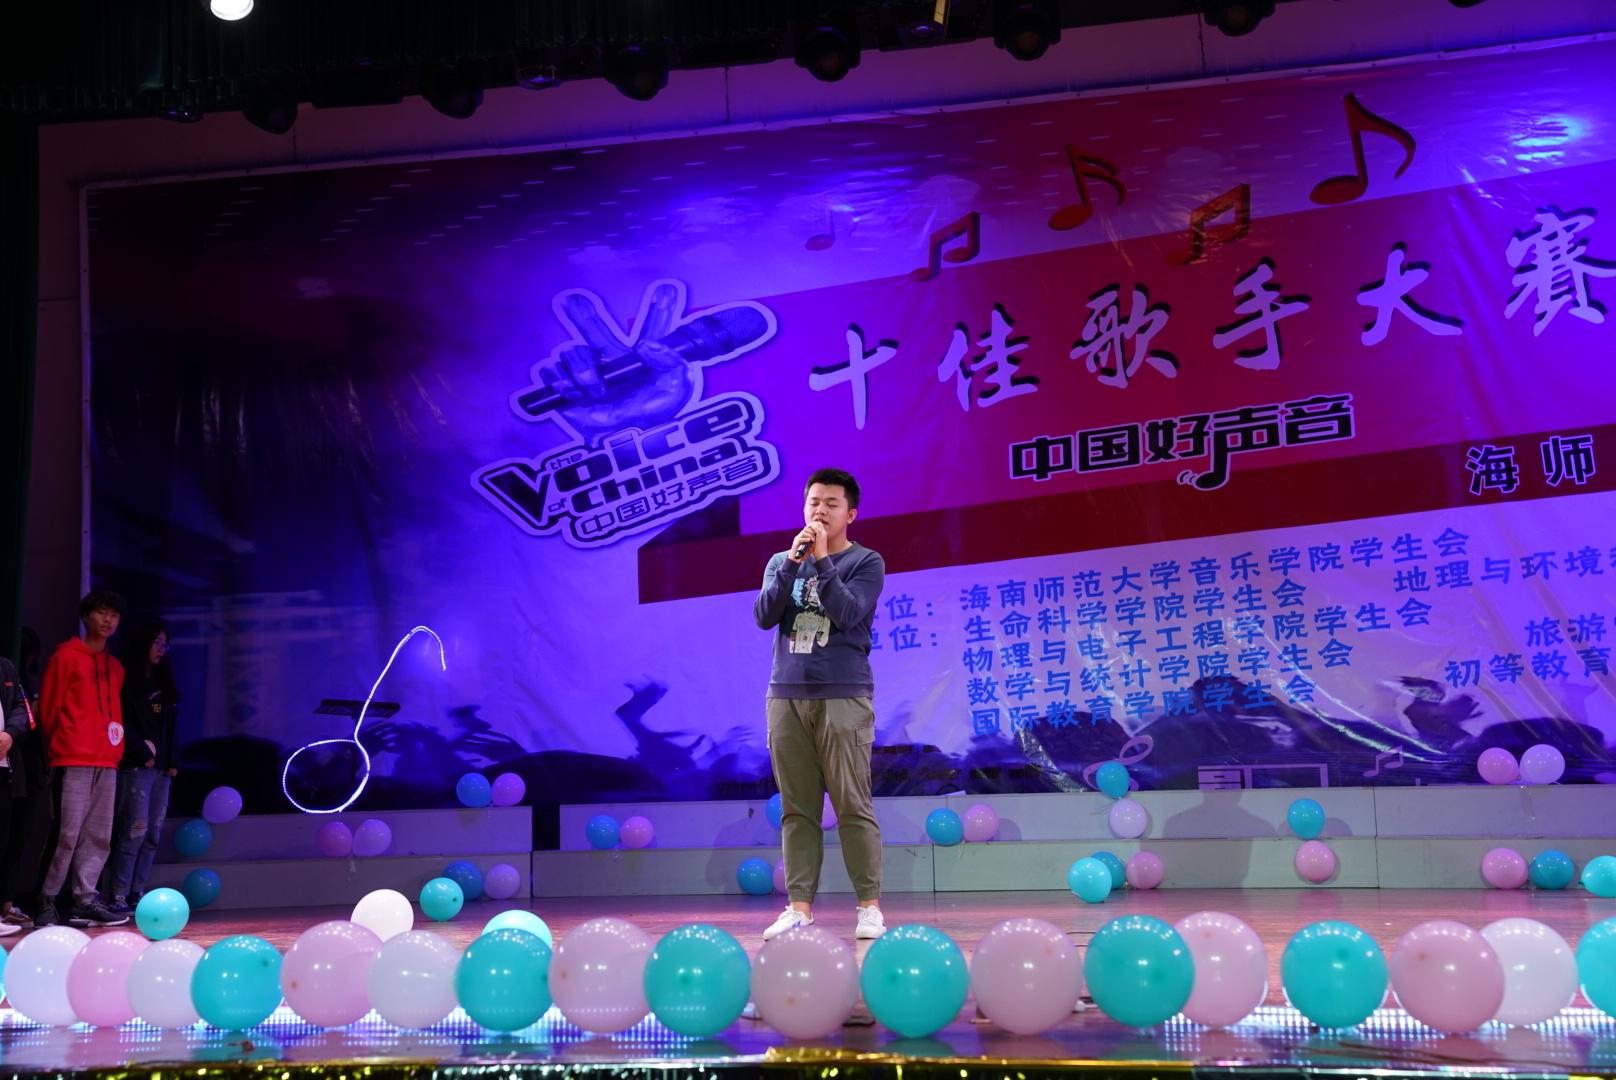 青年之声·音乐学院十佳歌手大赛初赛成功举办